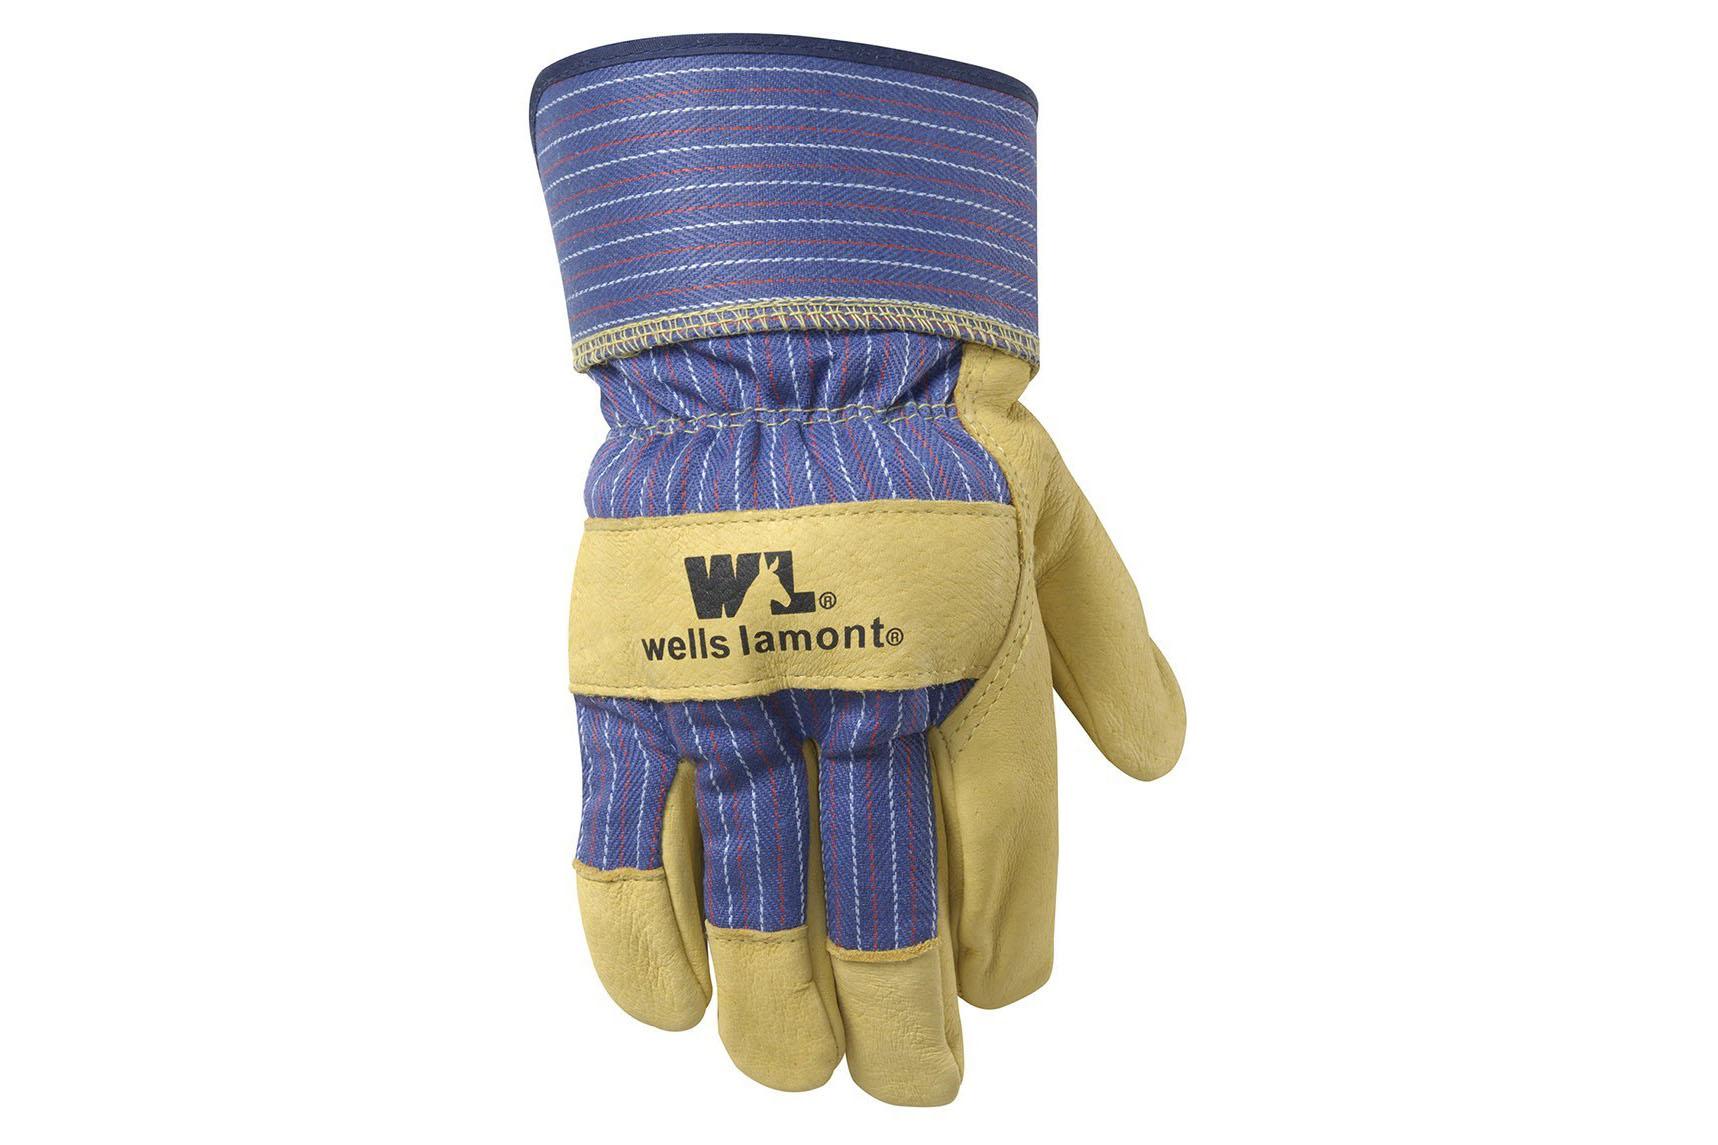 Grain Leather Work Gloves - 4.5 stars - $11 (Prime)